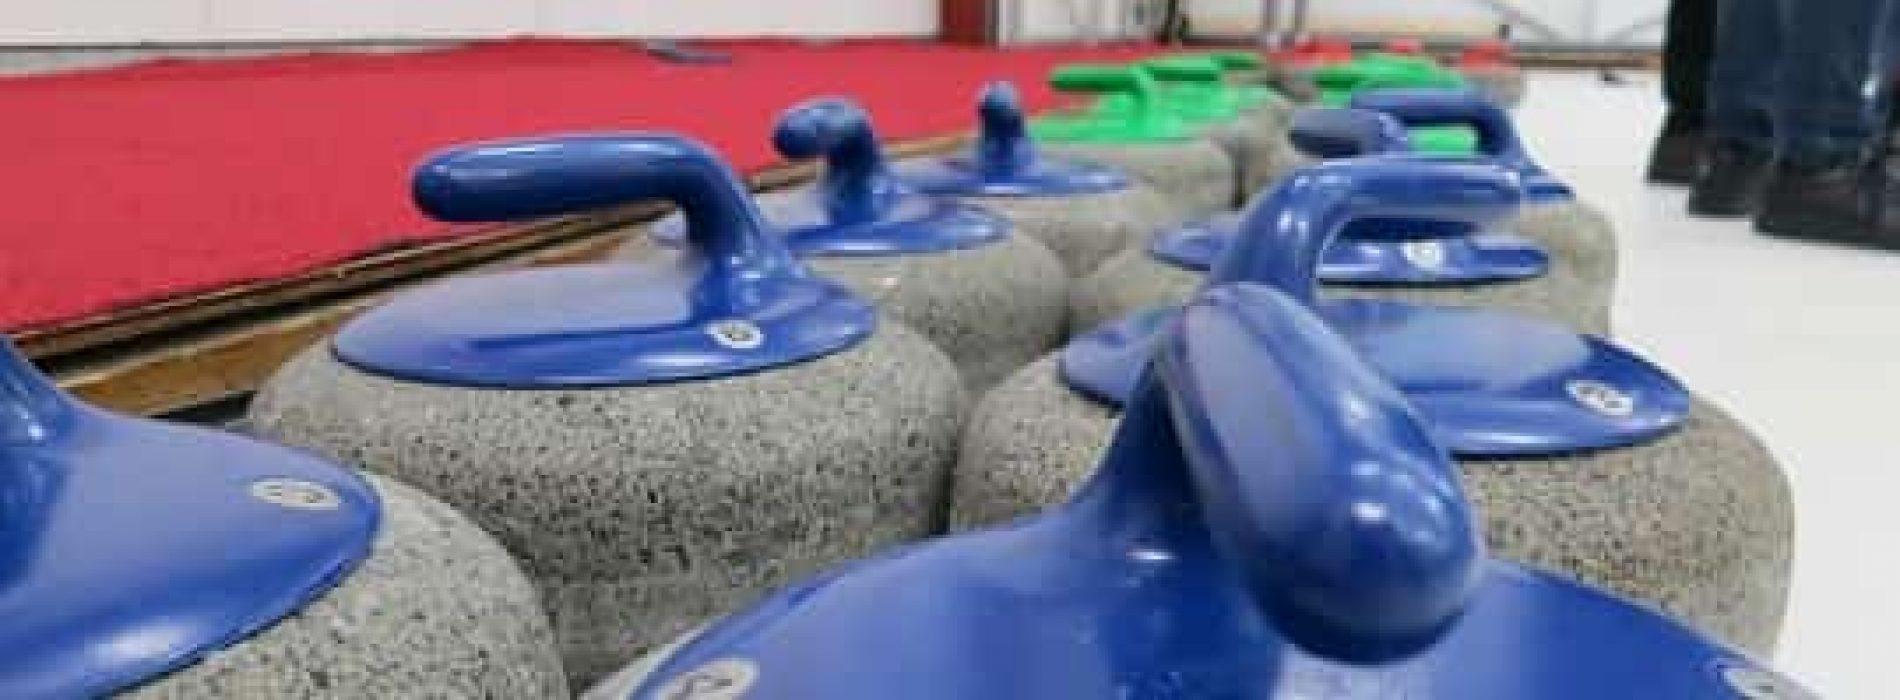 Curling – guide til spill og utstyr